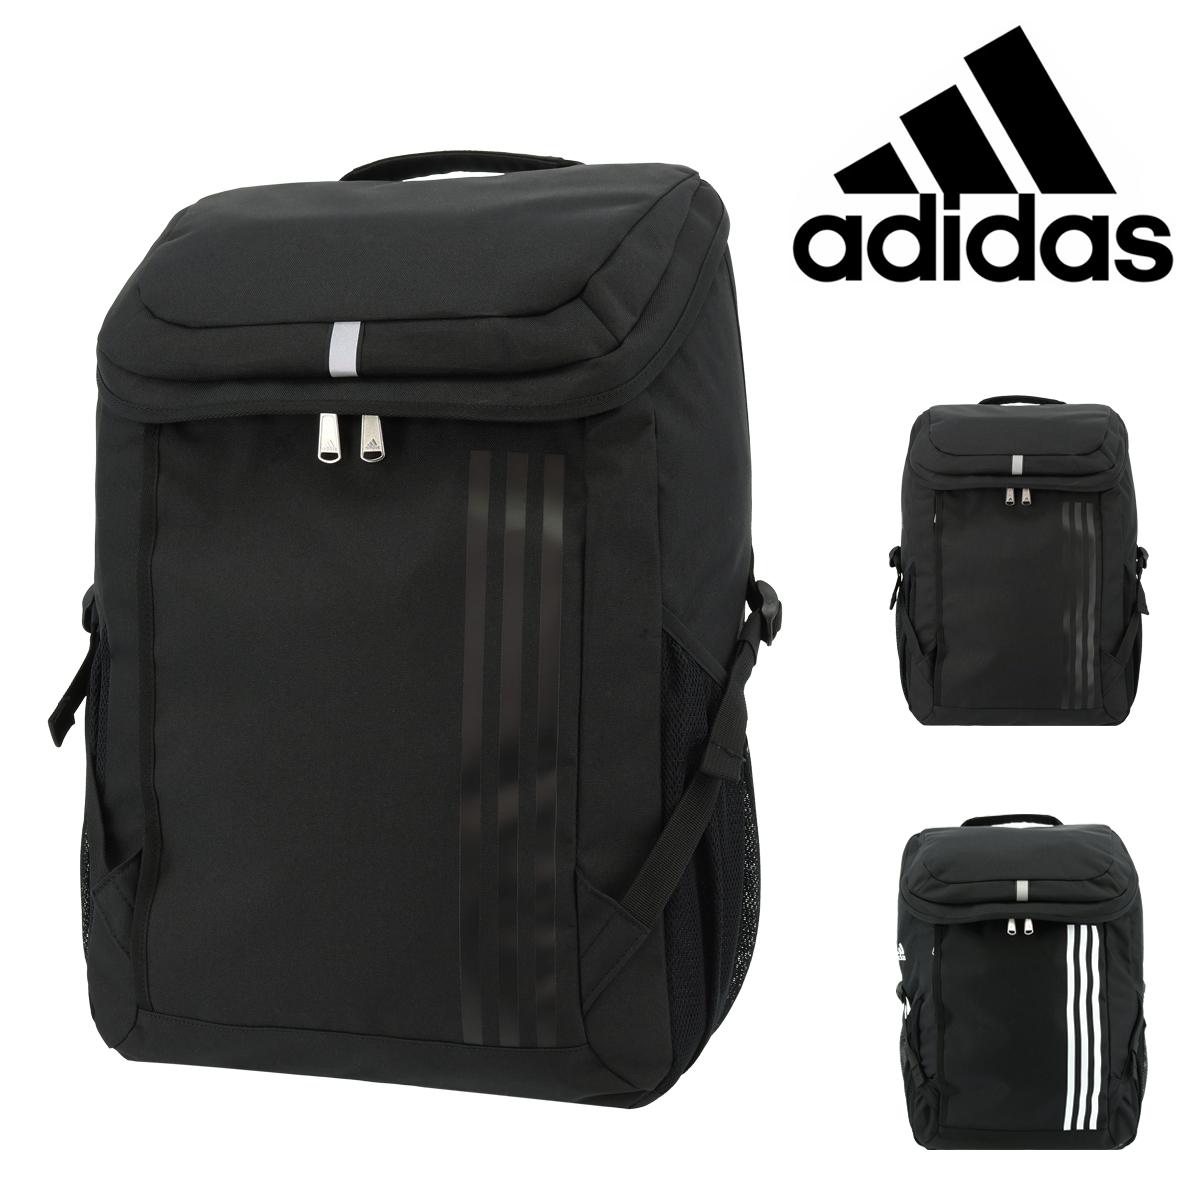 アディダス リュック 30L メンズ レディース 55872 adidas | リュックサック デイパック 軽量 大容量 通学[PO10]